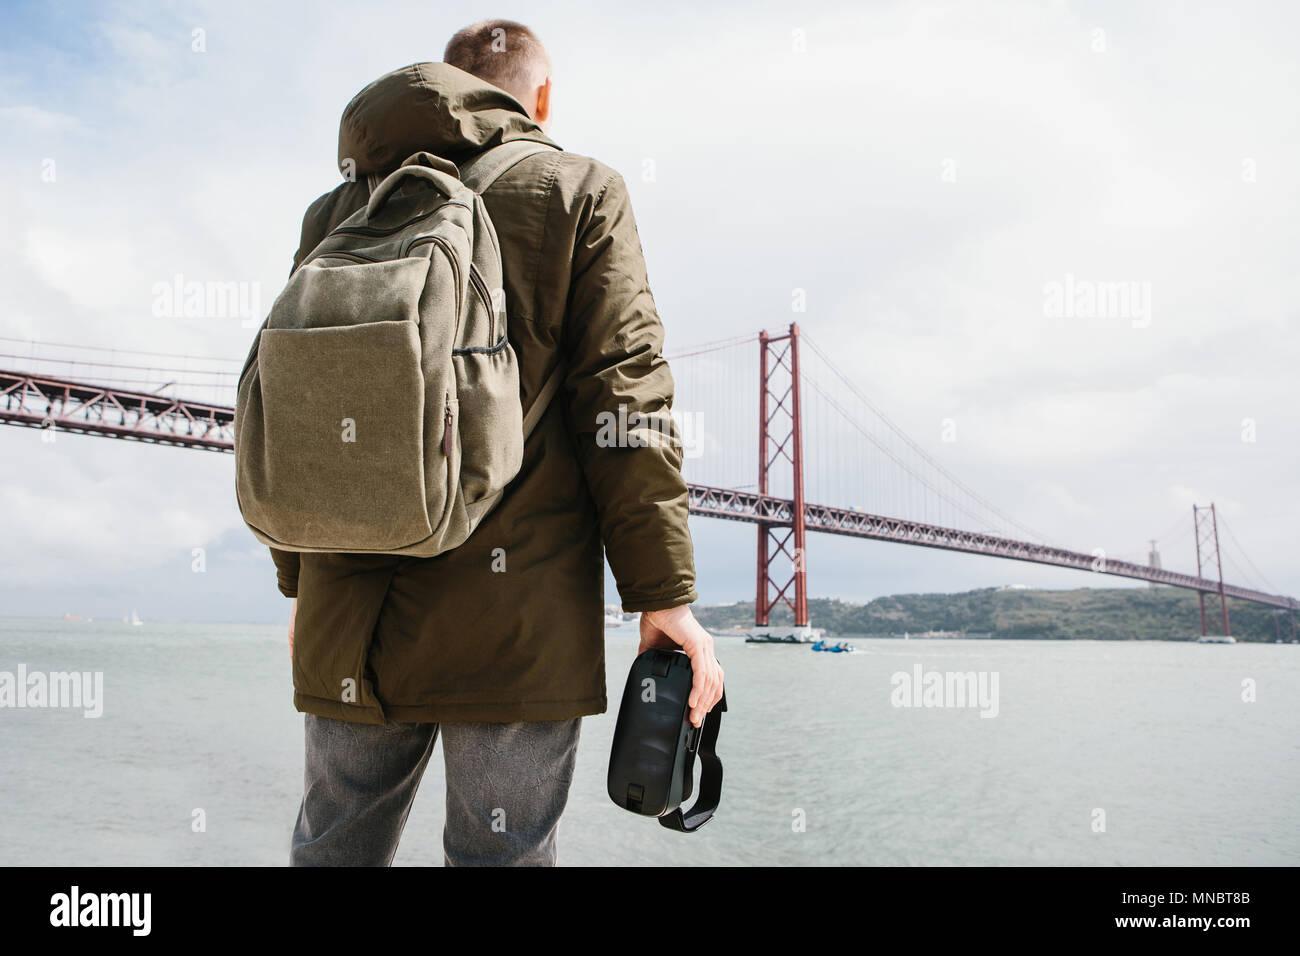 El hombre tiene las gafas de realidad virtual y mira el puente 25 de abril en Lisboa. El concepto de turismo y viajes virtuales. Las modernas tecnologías y su uso en la vida cotidiana Imagen De Stock